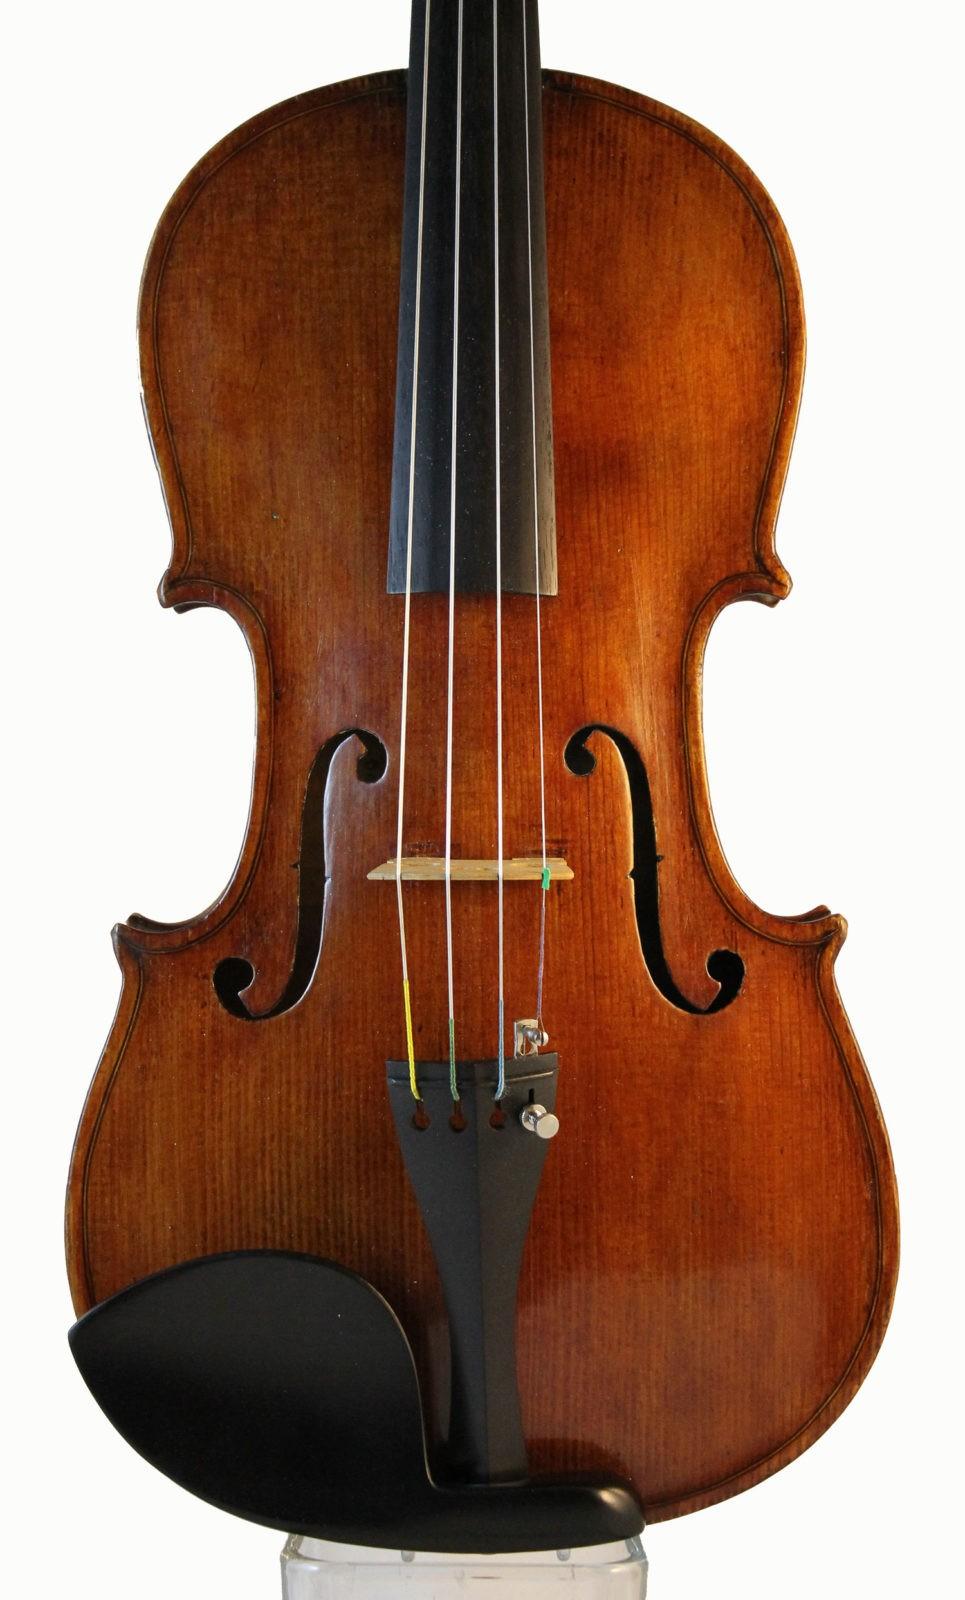 Roth Lederer violin